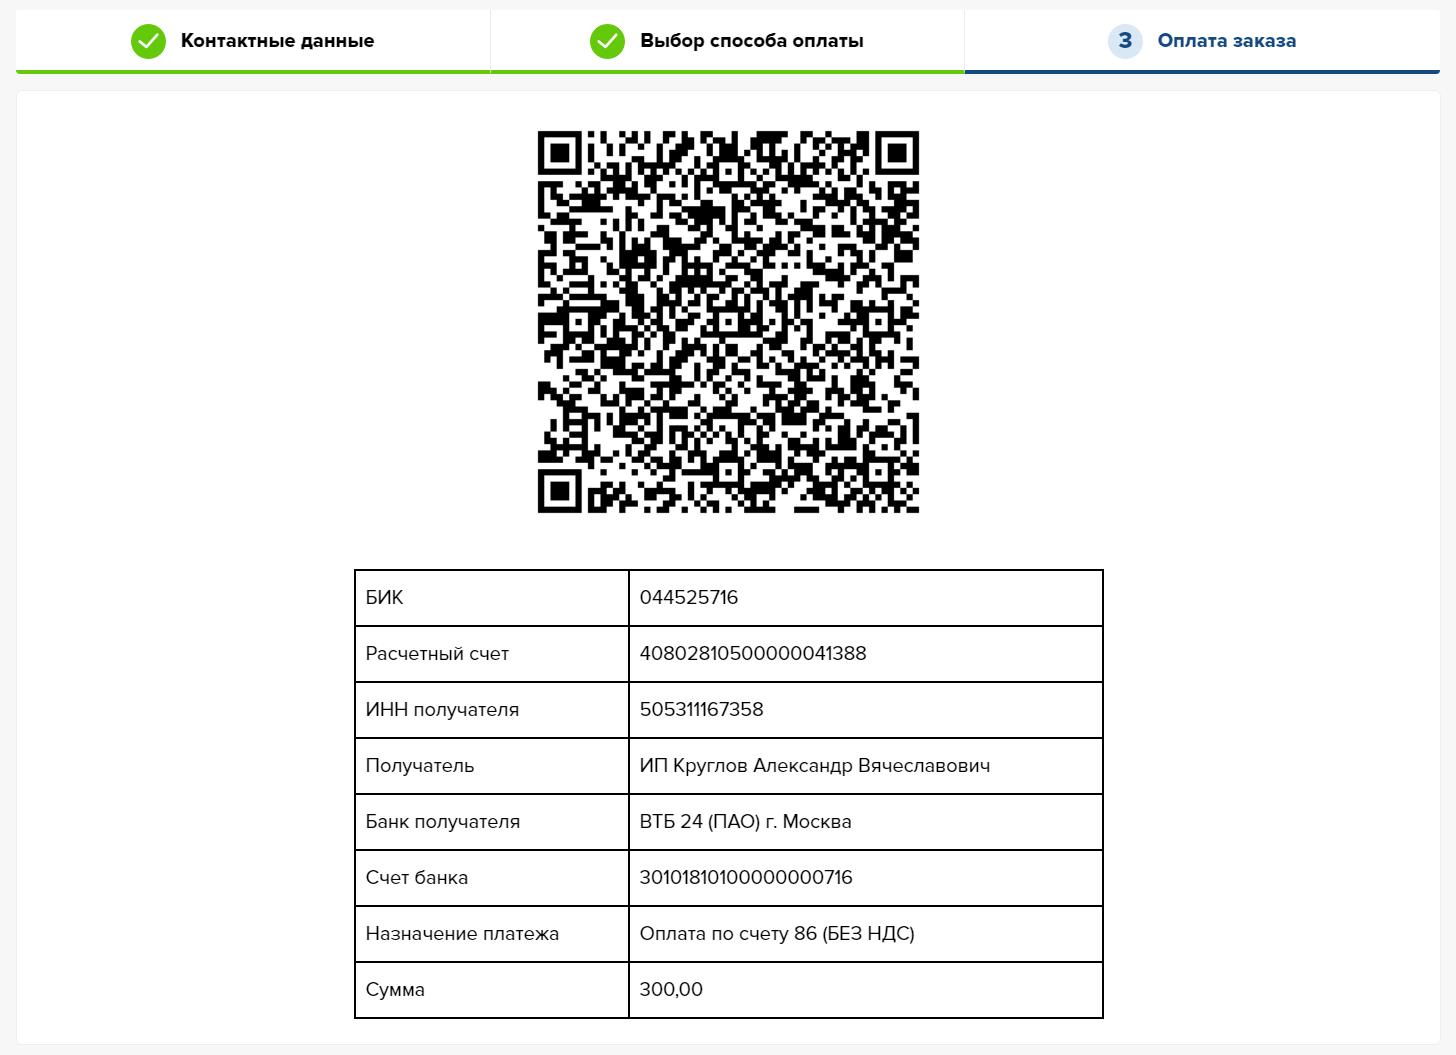 новый способ оплаты по QR-коду в онлайн-школе